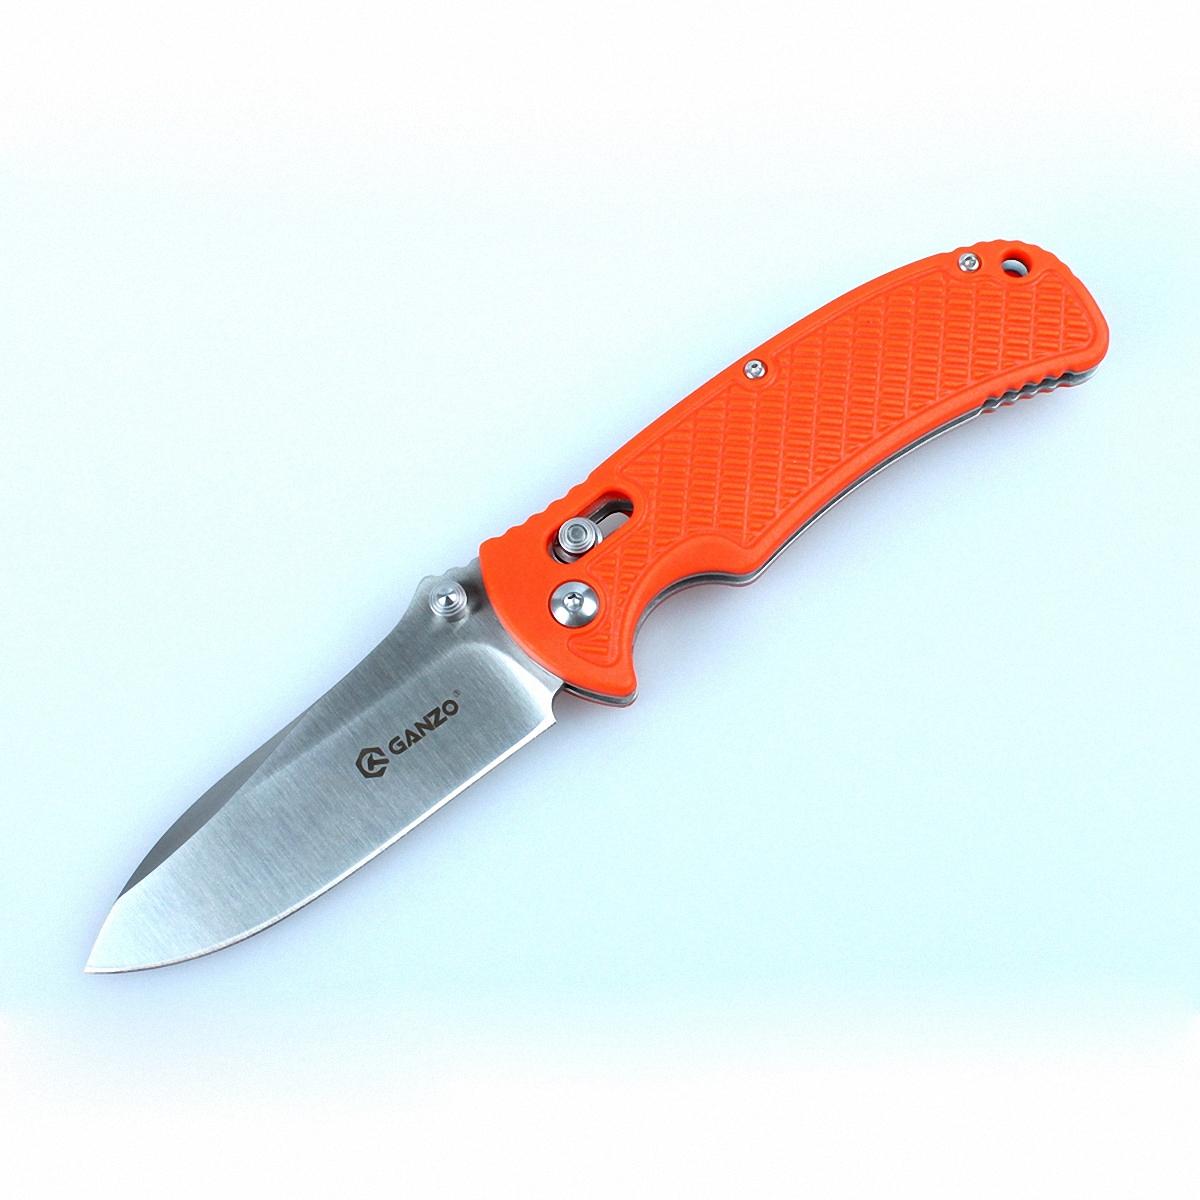 Нож Ganzo G726M оранжевыйG726M-ORКомпания Ganzo пополнила линейку универсальных складных ножей моделью Ganzo 726M. Этот нож предназначается для использования в любых туристических условиях или же как практичная городская модель. Его основные черты — это практичность, долговечность, удобство в использовании и стойкость к основным негативным факторам воздействия, в том числе — к ржавлению. Основной материал для производства ножа Ganzo 726M — это нержавеющая сталь 440С, которая получила широкое распространение в ножевой индустрии. Это одновременно прочный и стойкий к коррозии сплав. Твердость стали 440С оценивается на уровне +-58 единиц по шкале Роквелла. Нож из этого металла не нуждается в особенно тщательном уходе и долгое время остается острым после затачивания. В данной модели длина лезвия составляет 8,5 см при общей длине ножа 19 см. Но с закрытым клинком габариты инструмента уменьшаются до 10,5 см в длину. Клинок гладко заточен, что позволяет работать этим ножом с большинством распространенных материалов. В том...